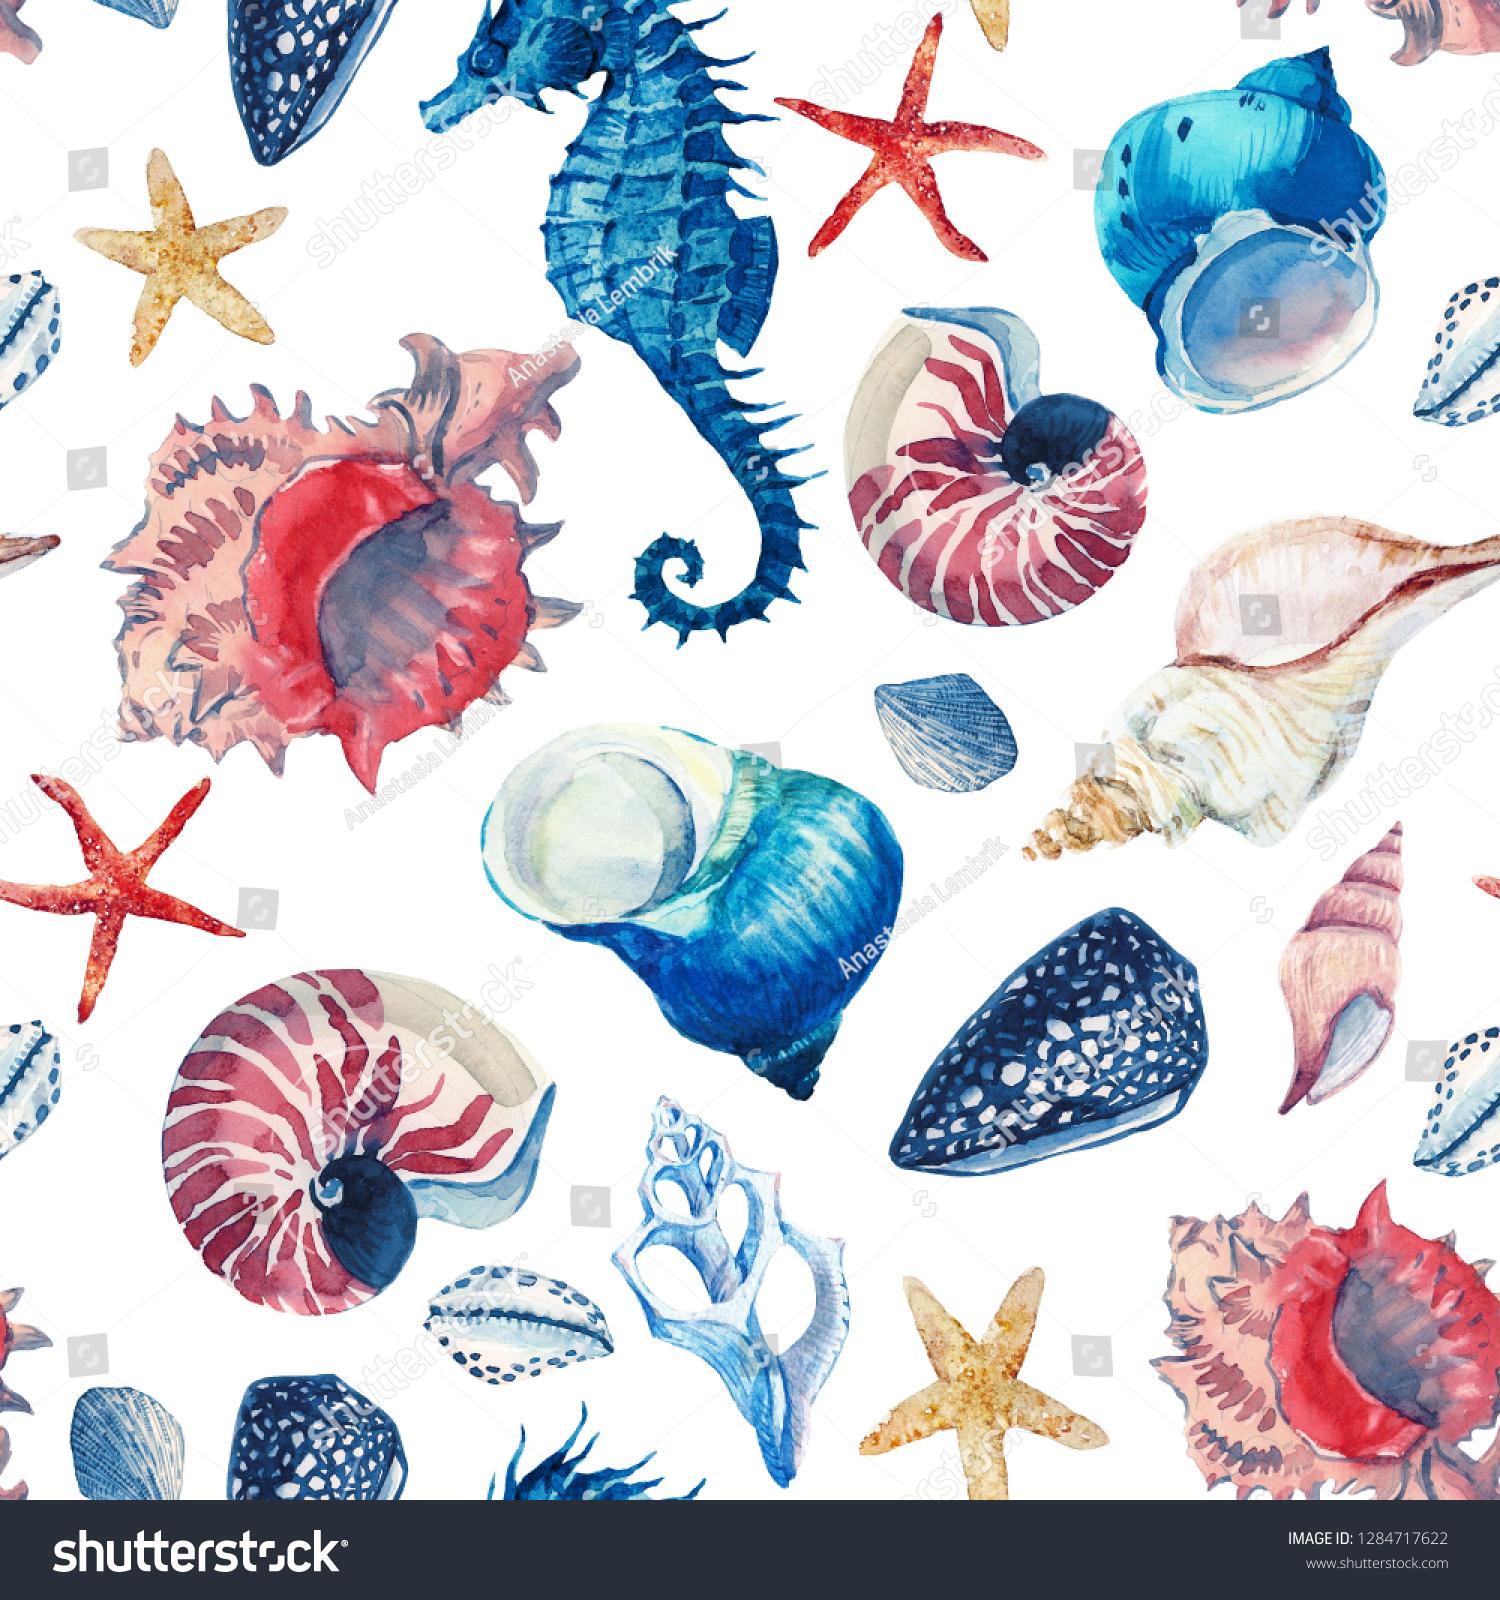 水彩海洋模様 貝の壁紙 ビーチプリント シーホース 赤ヒトデ の